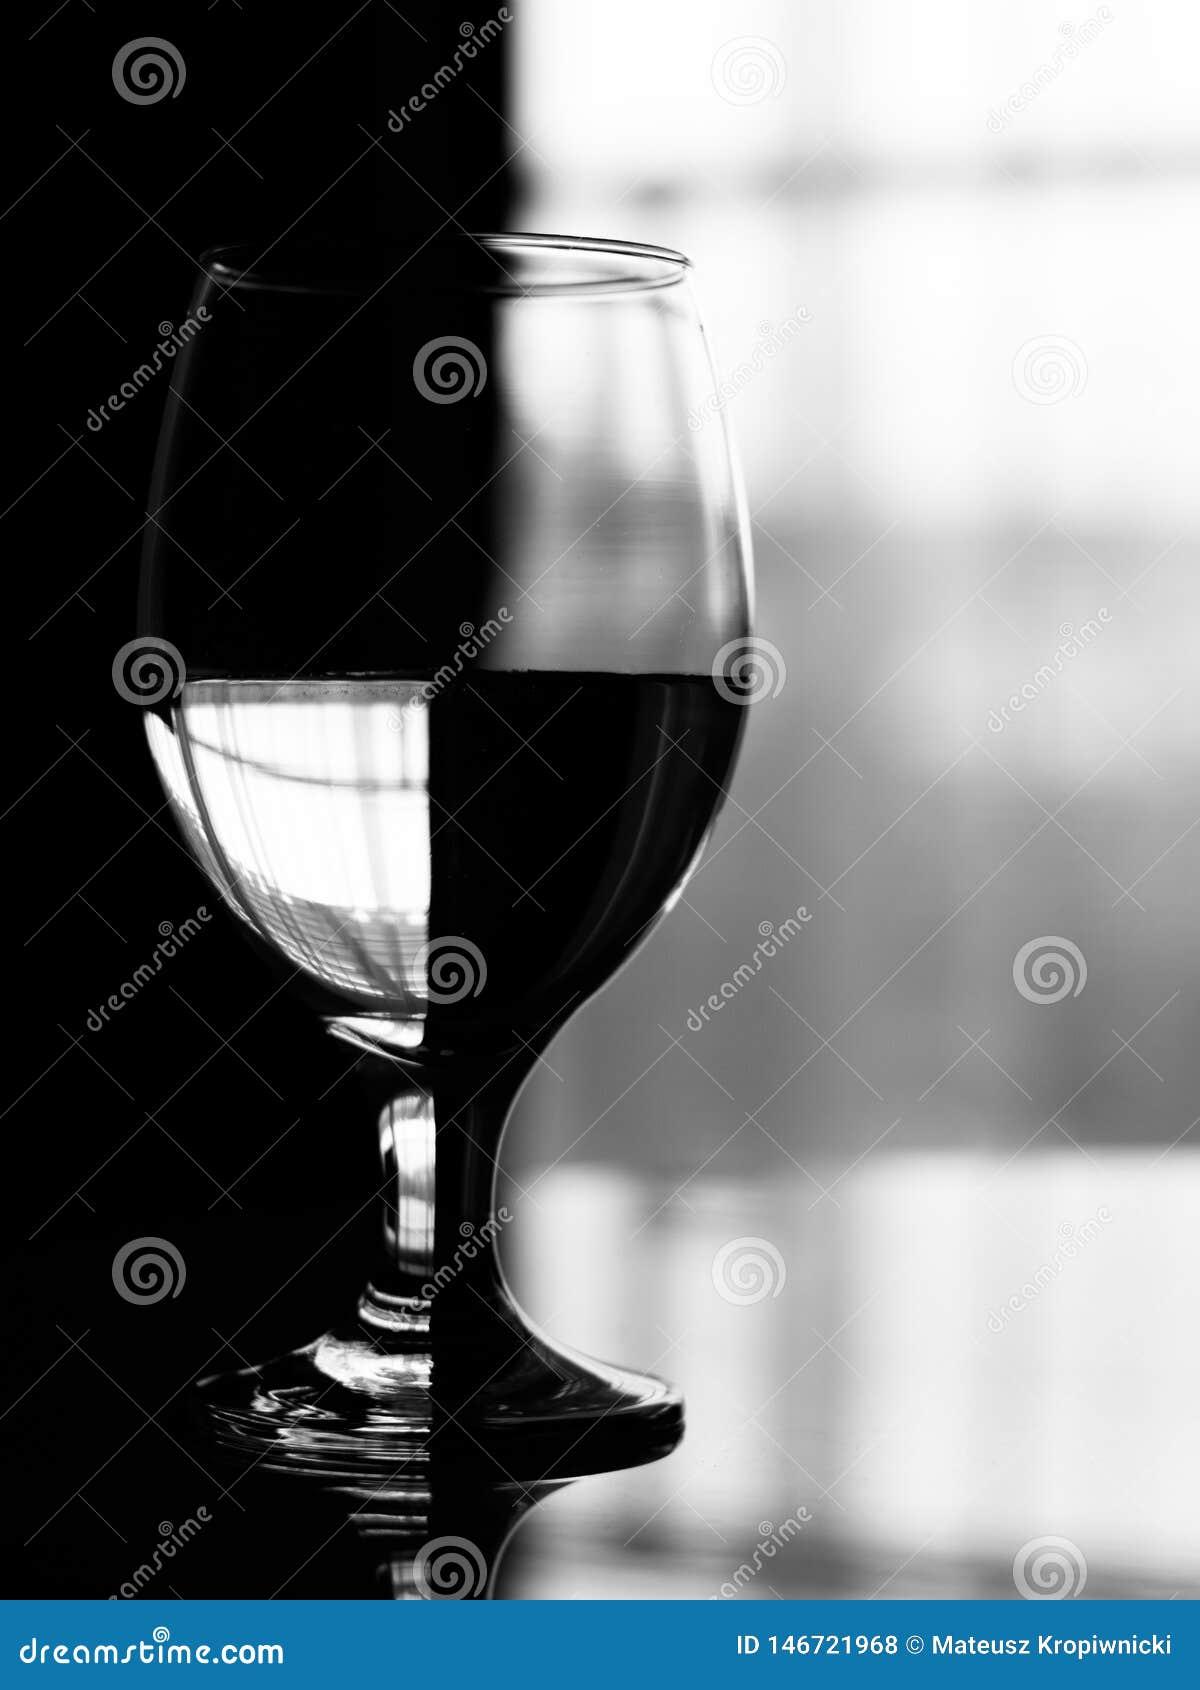 Efeito artístico no vidro de vinho enchido com água